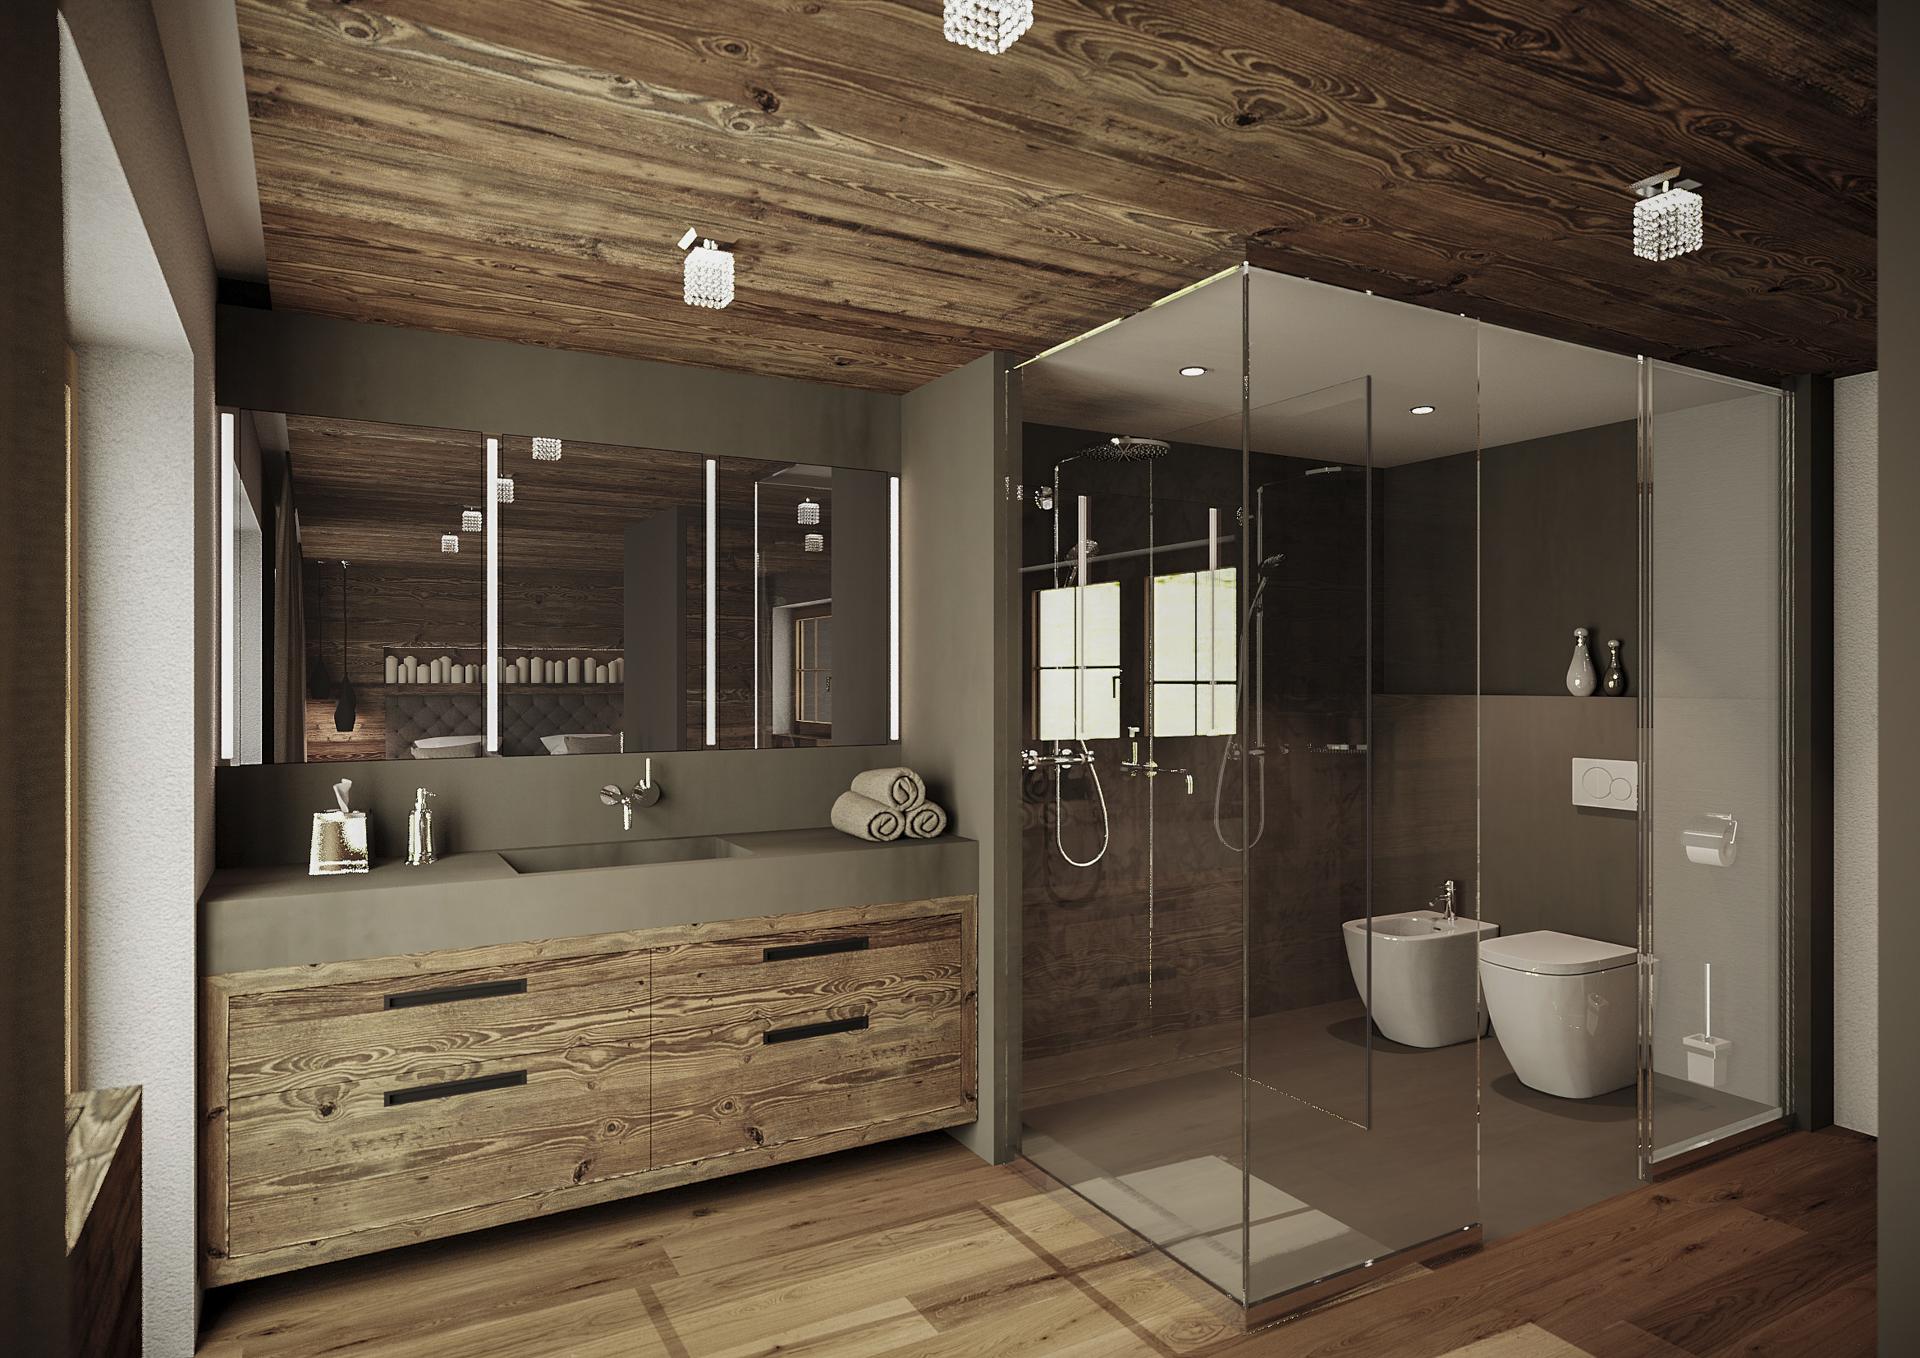 tischlerei-decker-visualisierungen-Schlafzimmer-integriertes-Bad